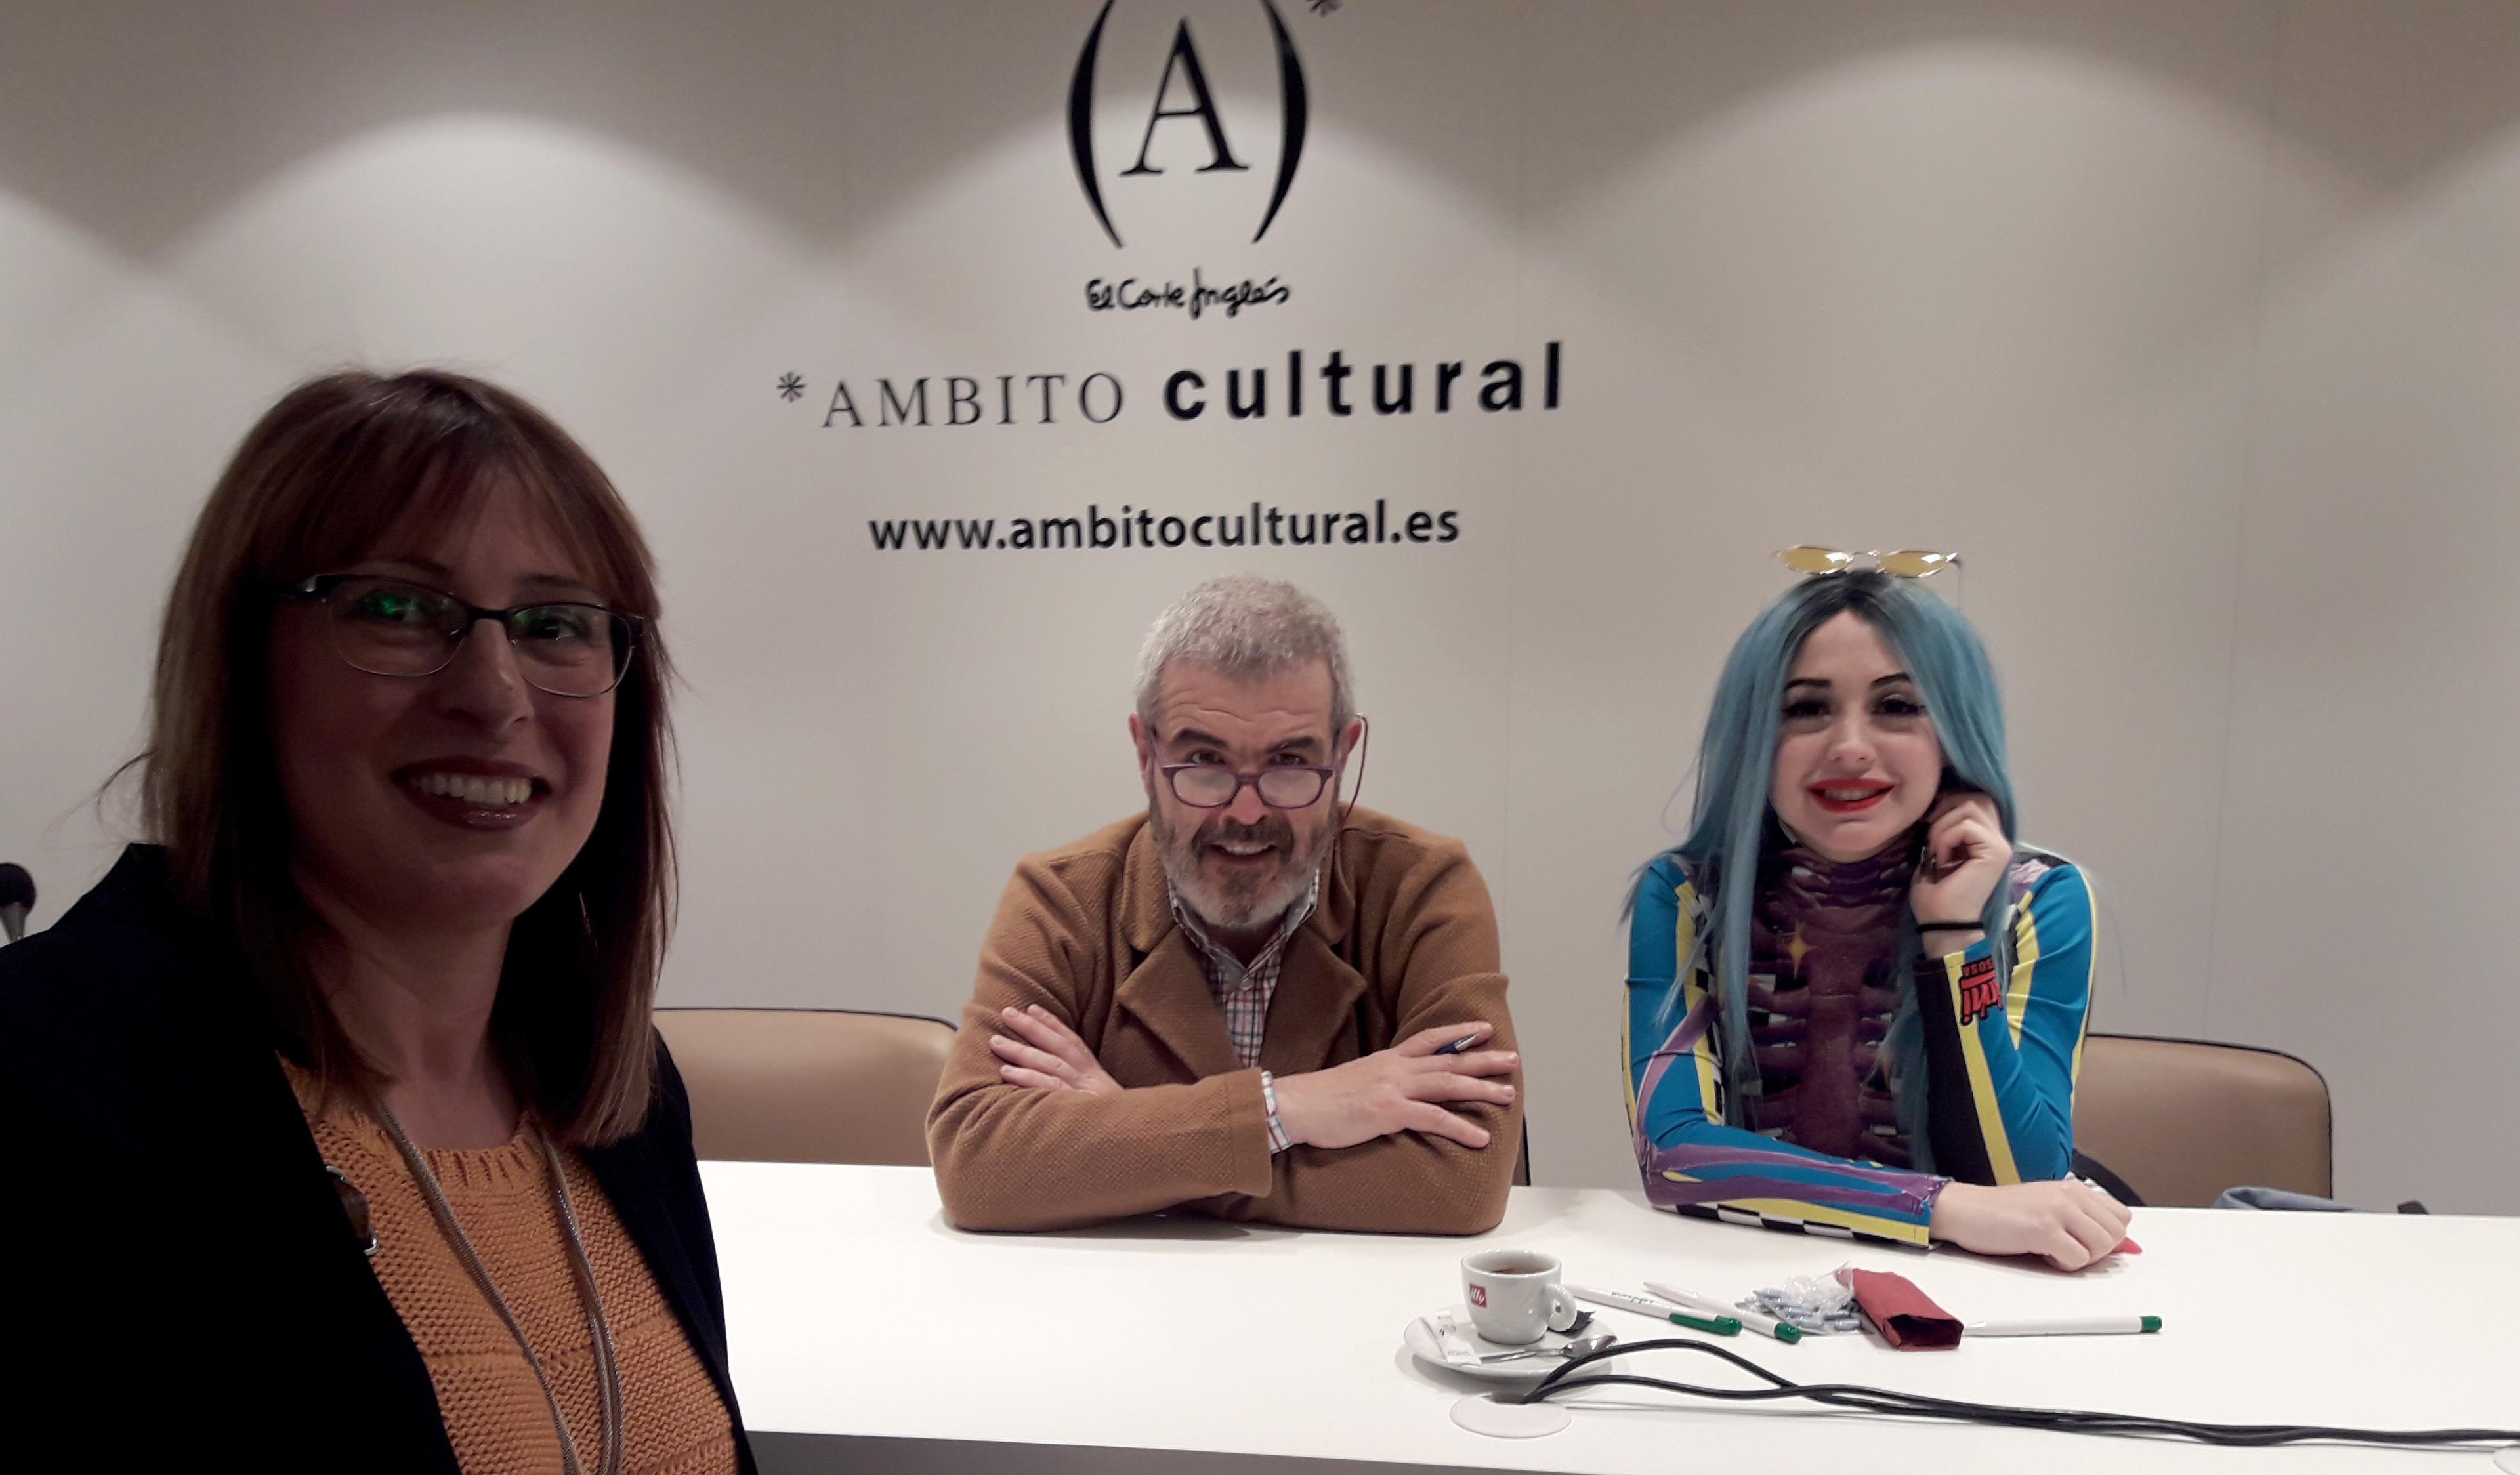 Presentación del libro ´De qué hablamos cuando hablamos de estilo`, de Caprile, en El Corte Inglés de Zaragoza